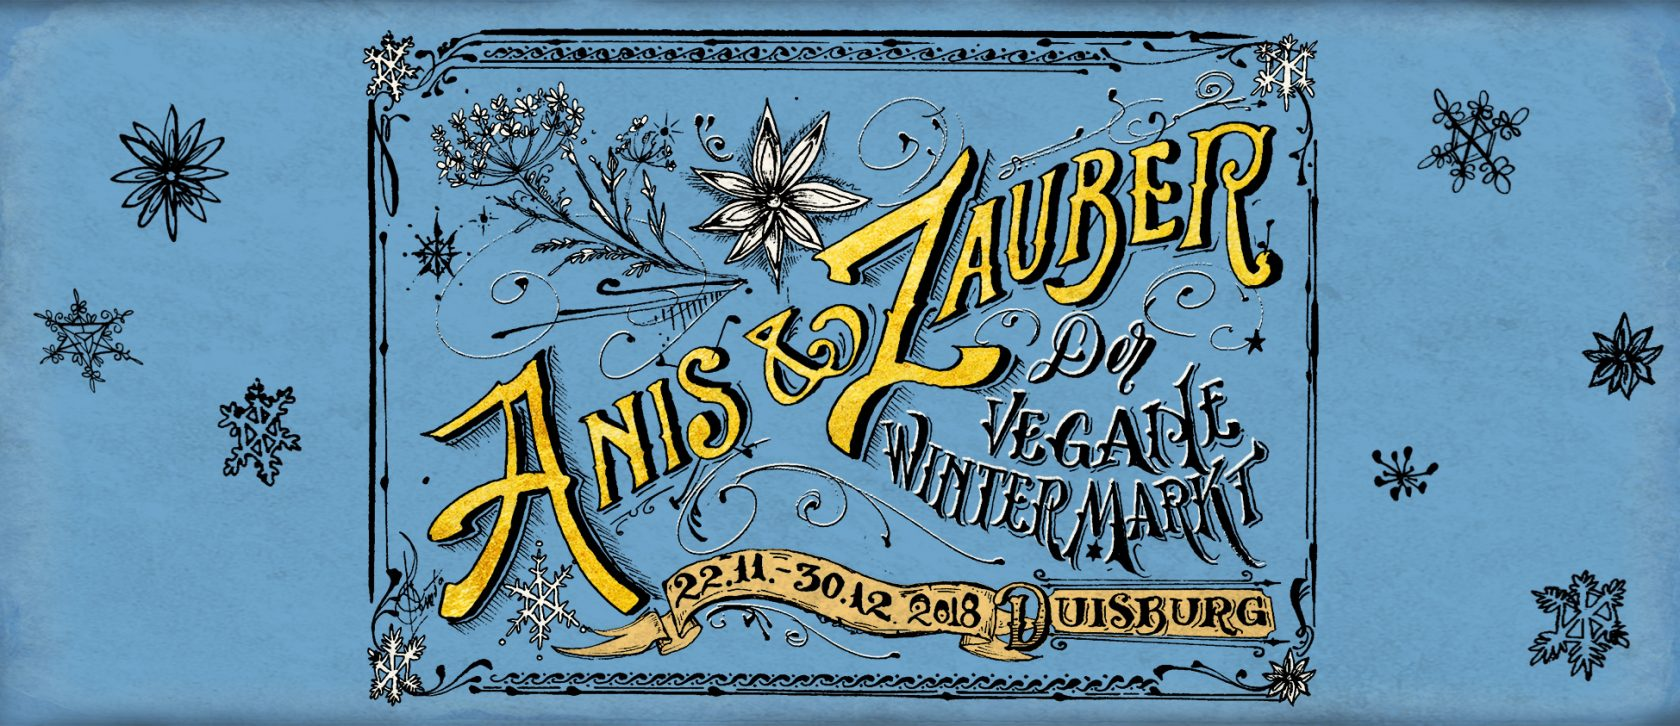 Anis & Zauber - der vegane Wintermarkt! Duisburg 22.11. - 30.12.2018